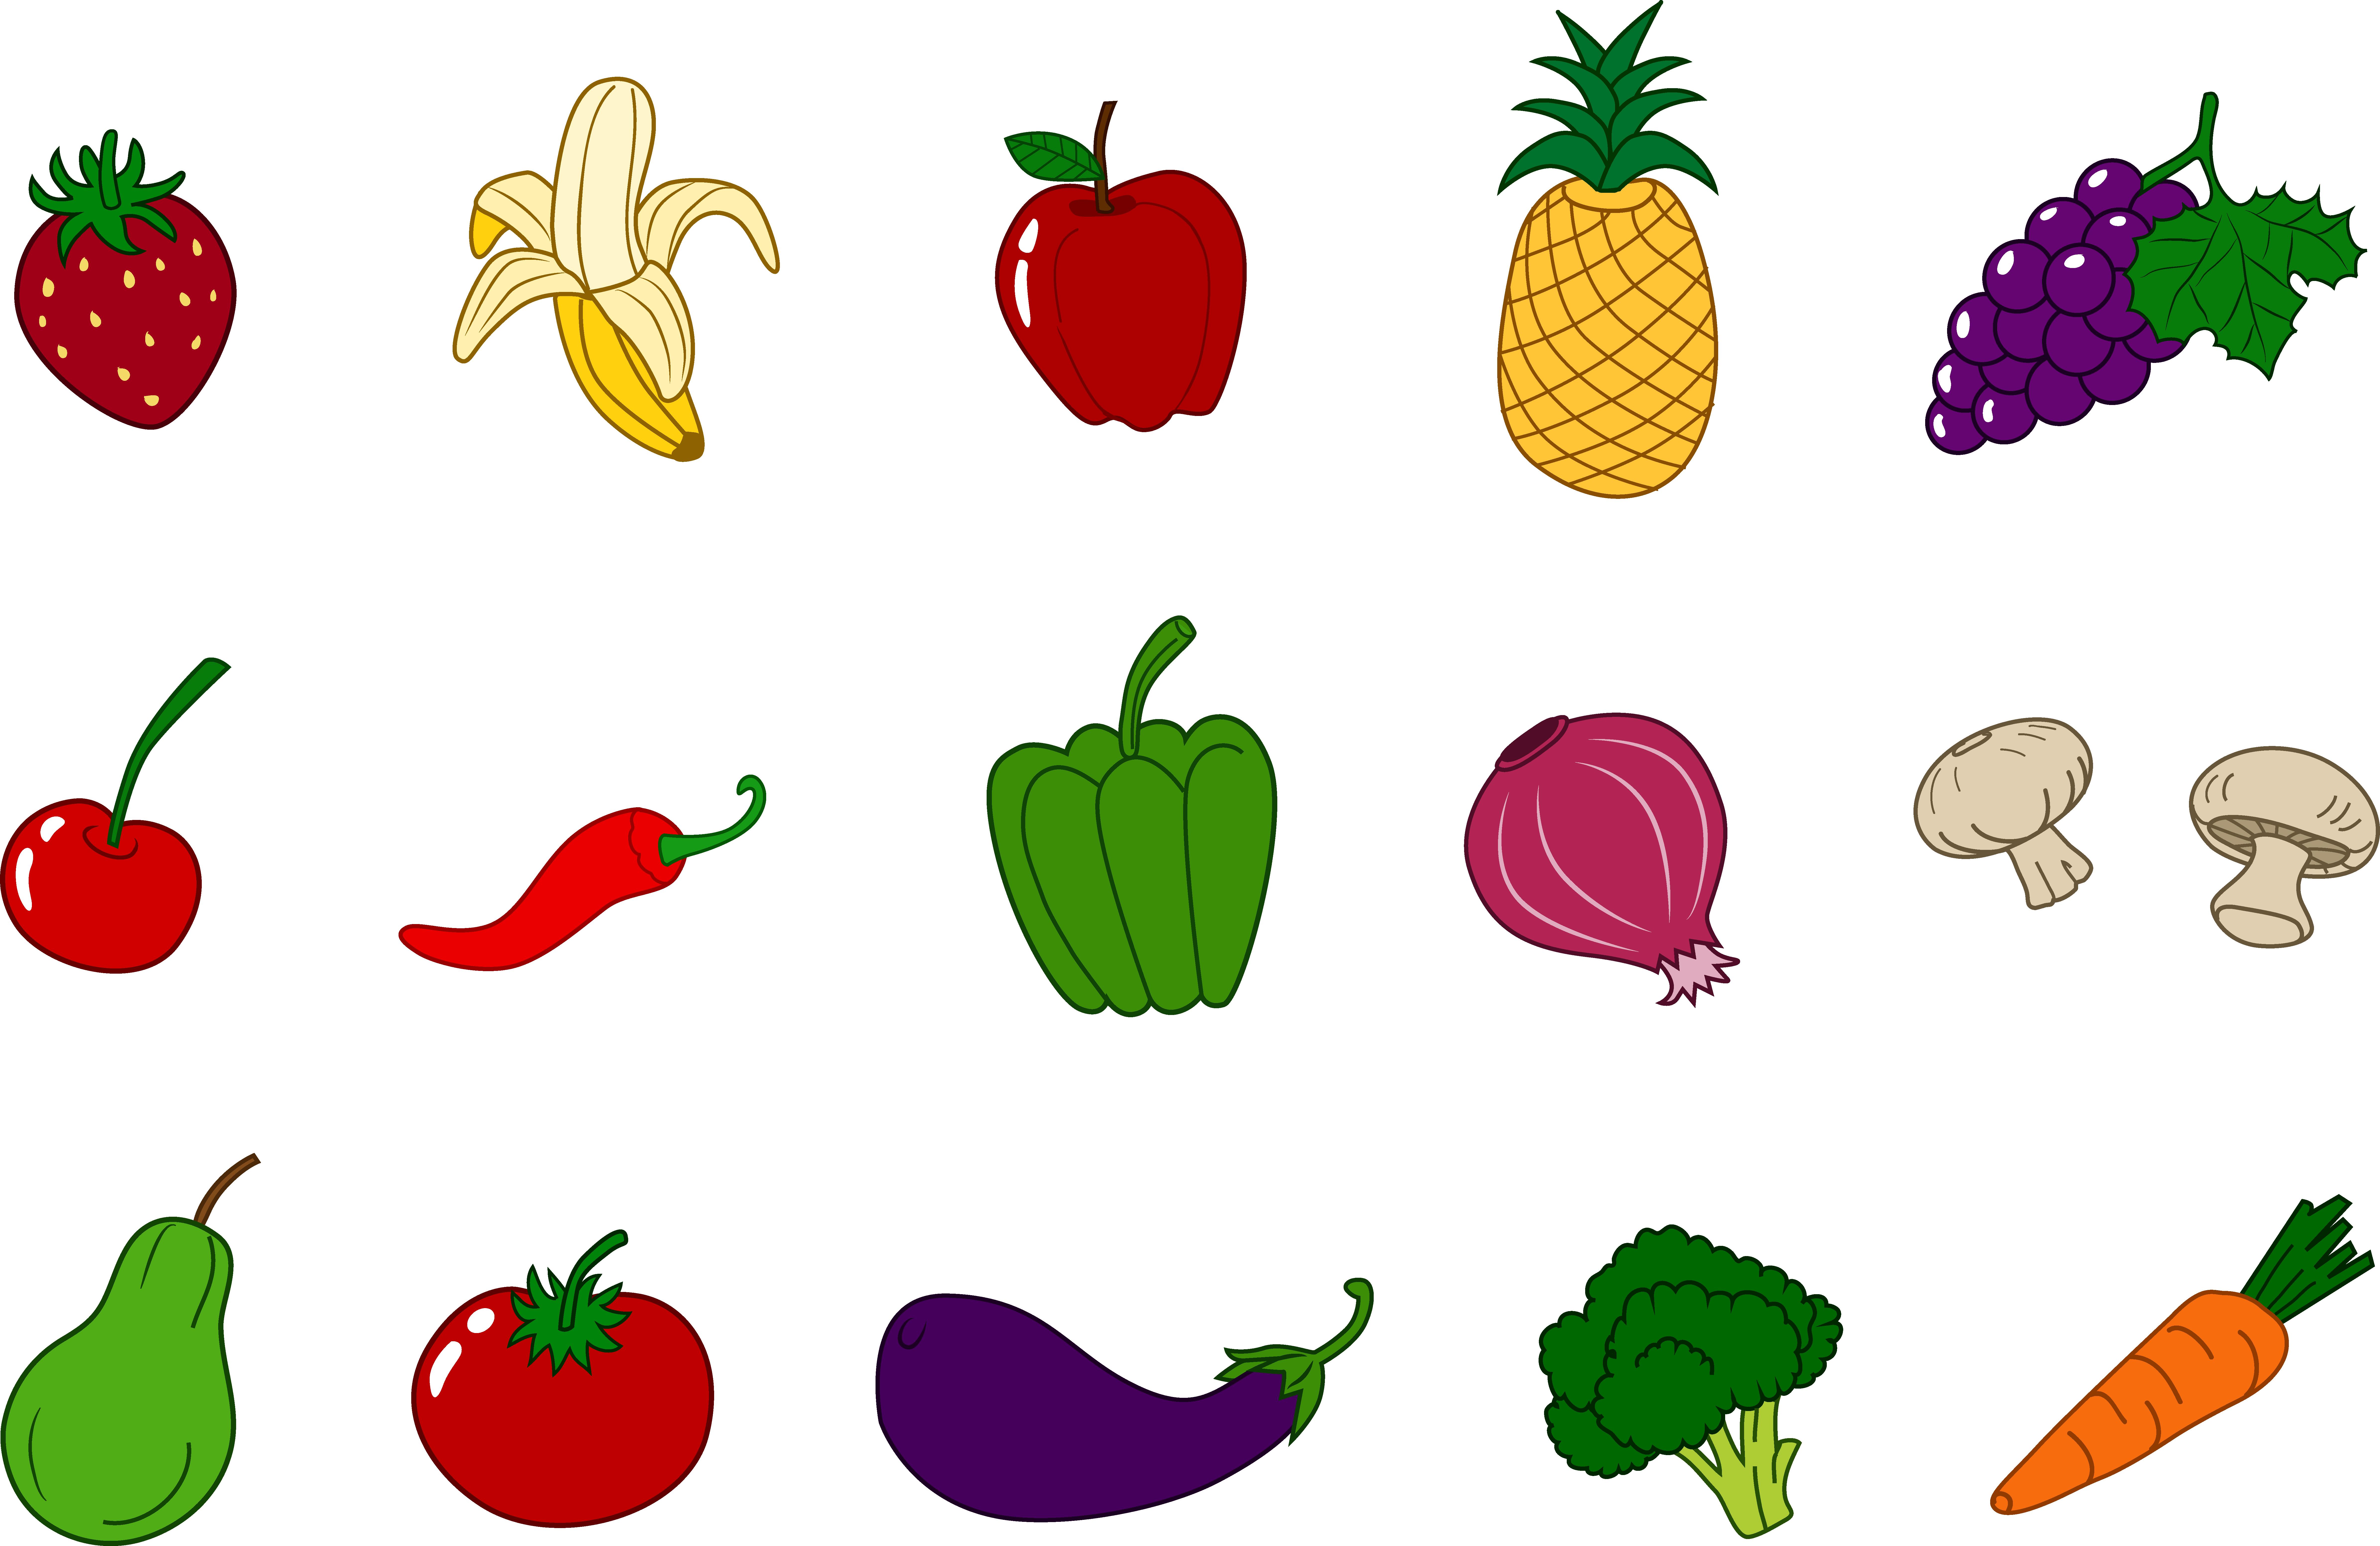 Fruits And Vegetables Clipart U0026 Frui-Fruits And Vegetables Clipart u0026 Fruits And Vegetables Clip Art Images -  ClipartALL clipartall.com-8